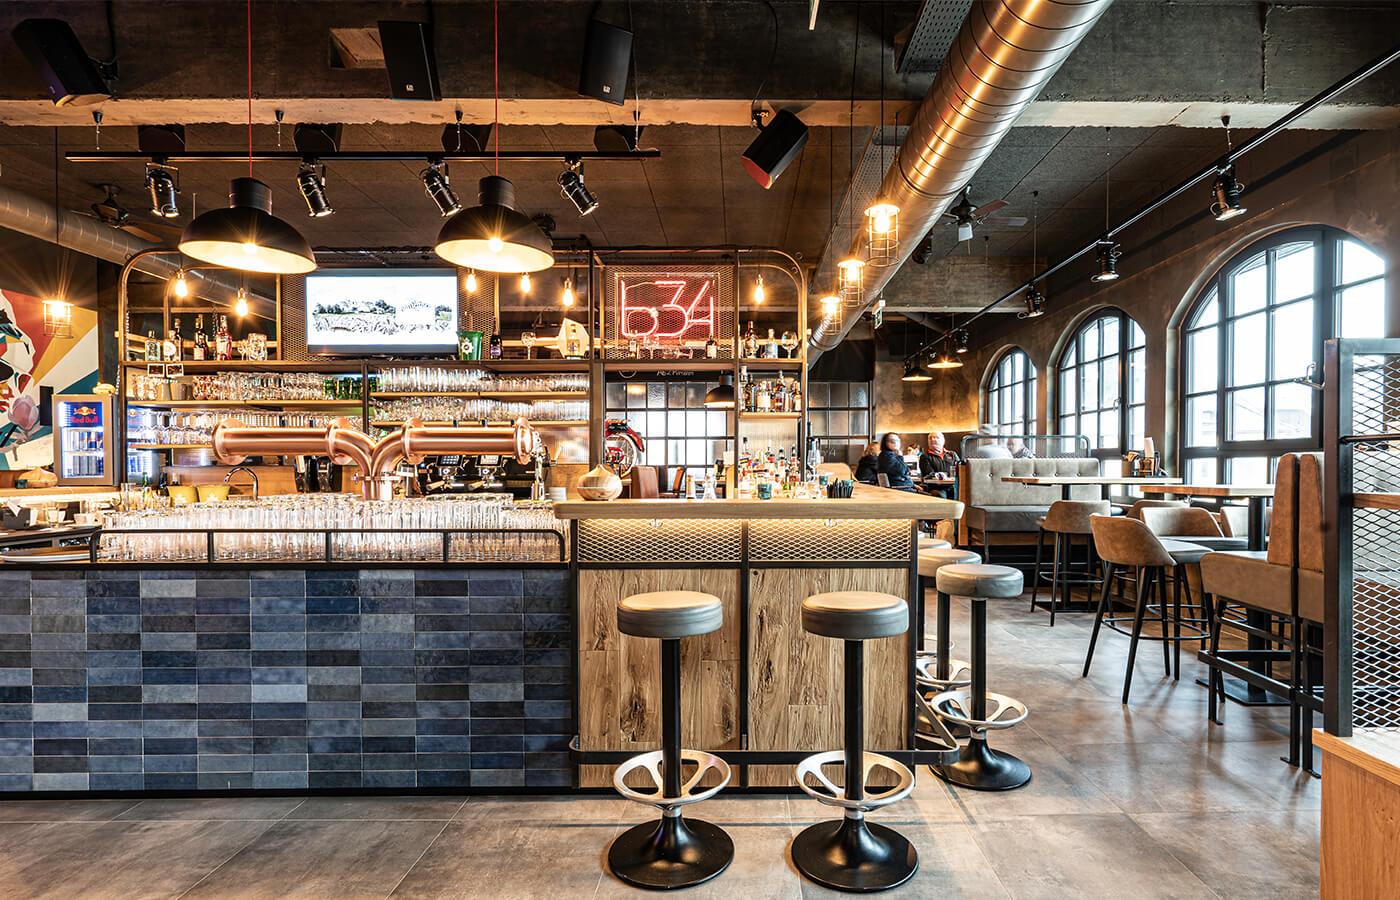 Gastronomieeinrichtung von der id Werkstatt aus Vorchdorf, Barfront aus Streckmetall mit Eichenpult, Schank front verfliest.